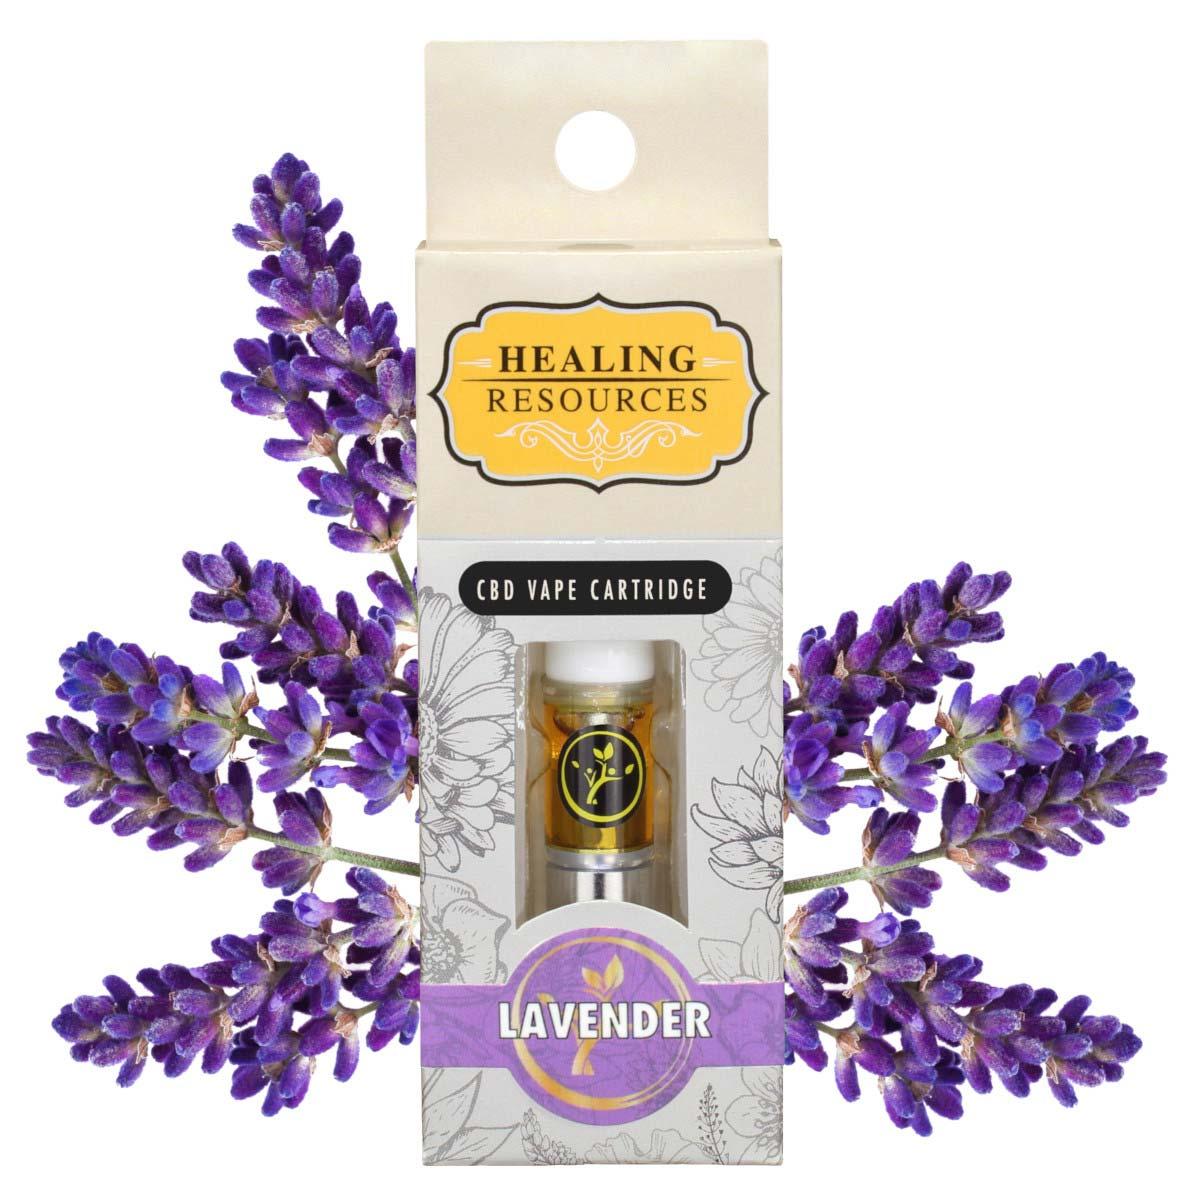 Pure CBD Vape Lavender Cartridge